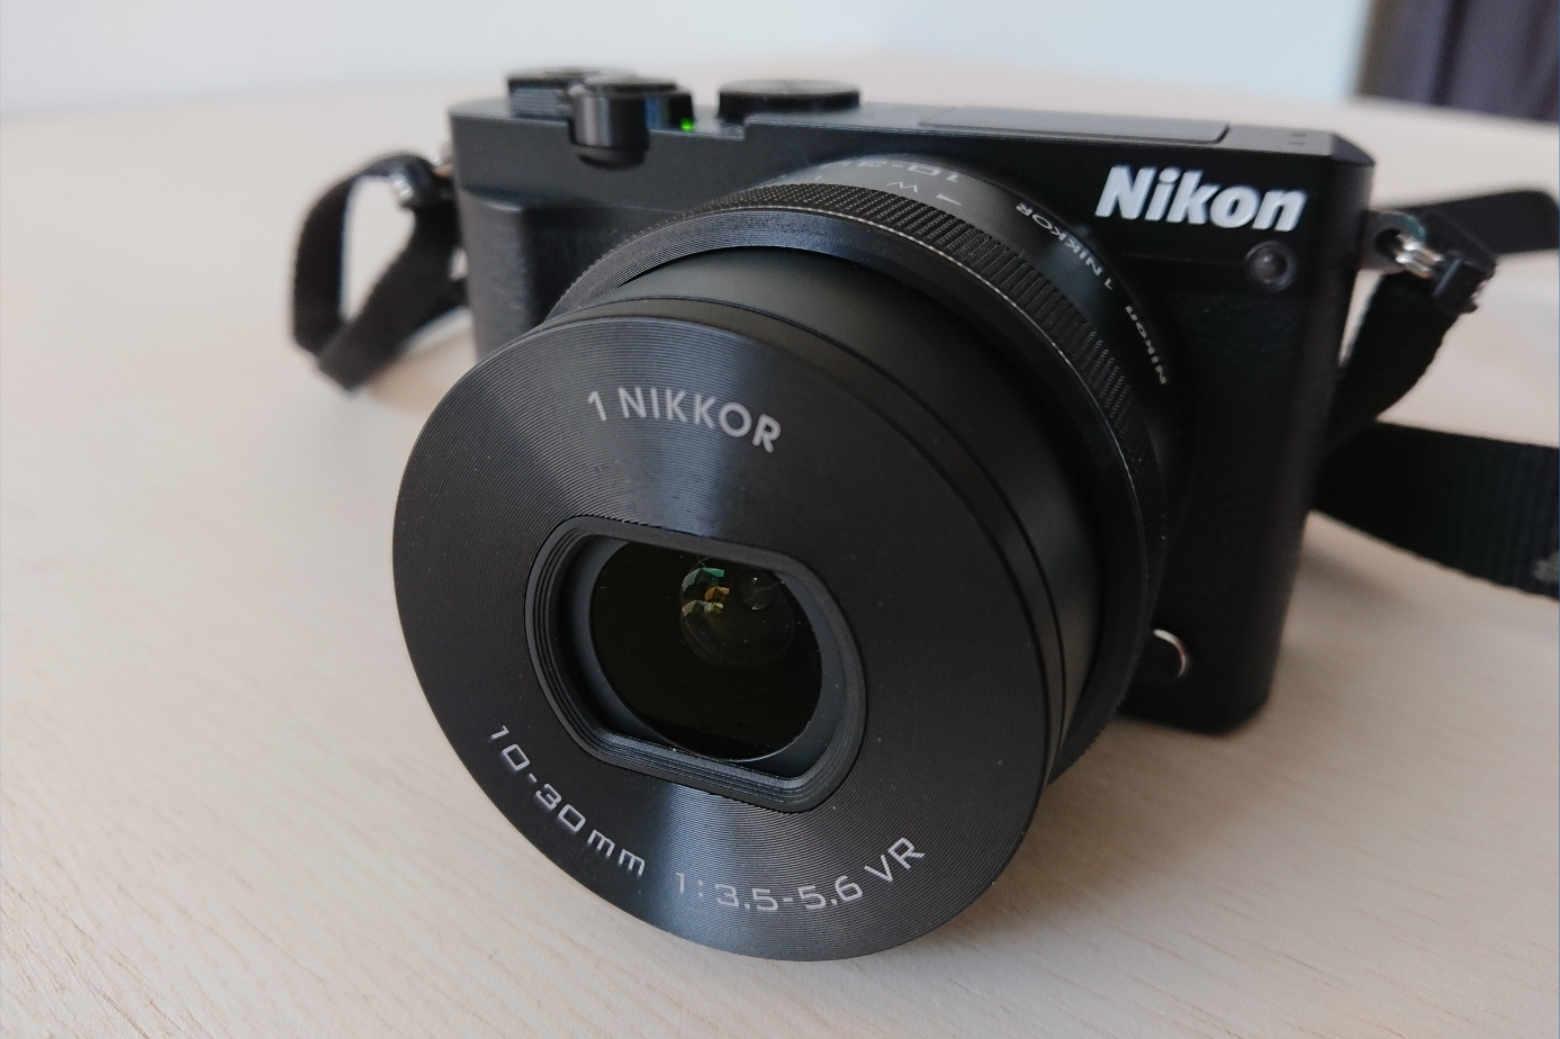 レンズが交換できるNikon1 J5をカメラ初心者が使ってみた感想【レビュー/改訂】